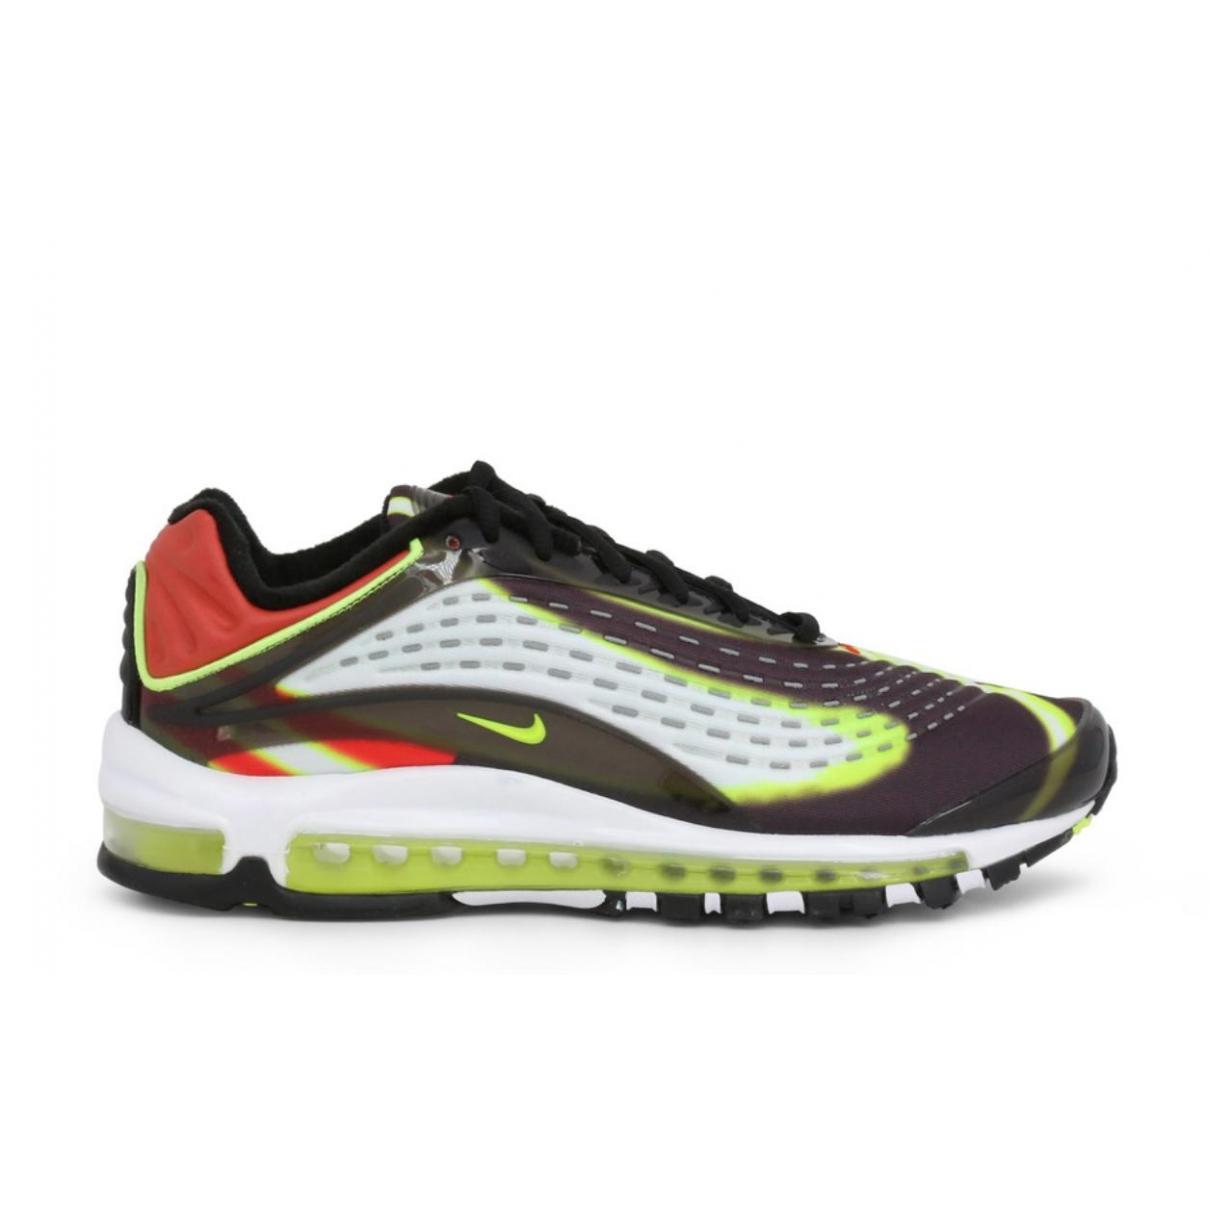 Nike - Baskets Air Max Deluxe pour homme en toile - multicolore